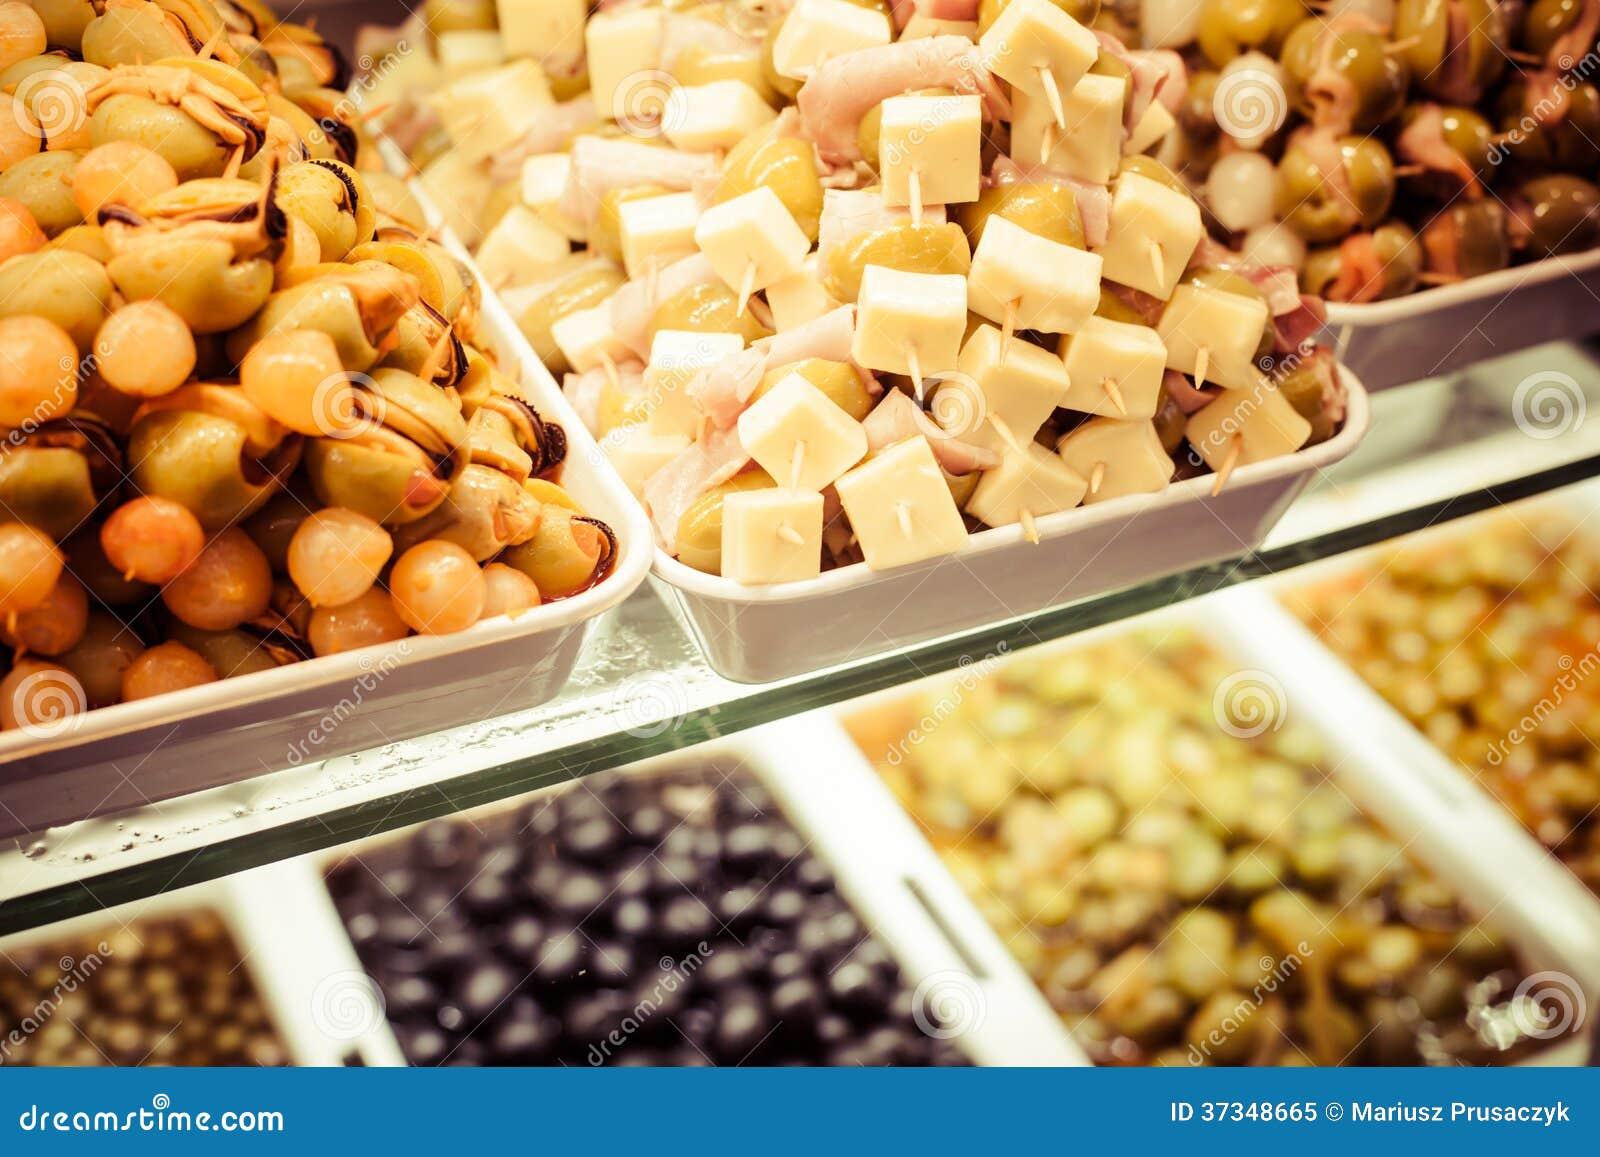 Typischer spanischer Lebensmittelmarkt.